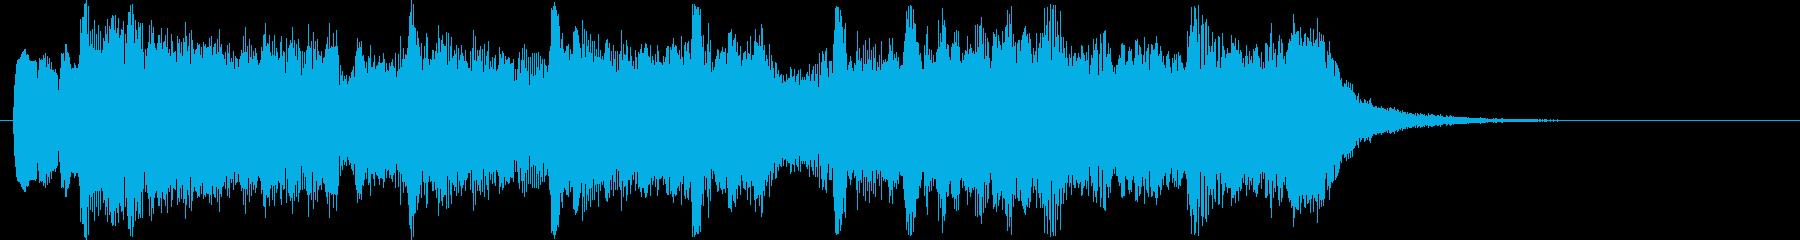 綺麗で可愛いリラクゼーションミュージックの再生済みの波形